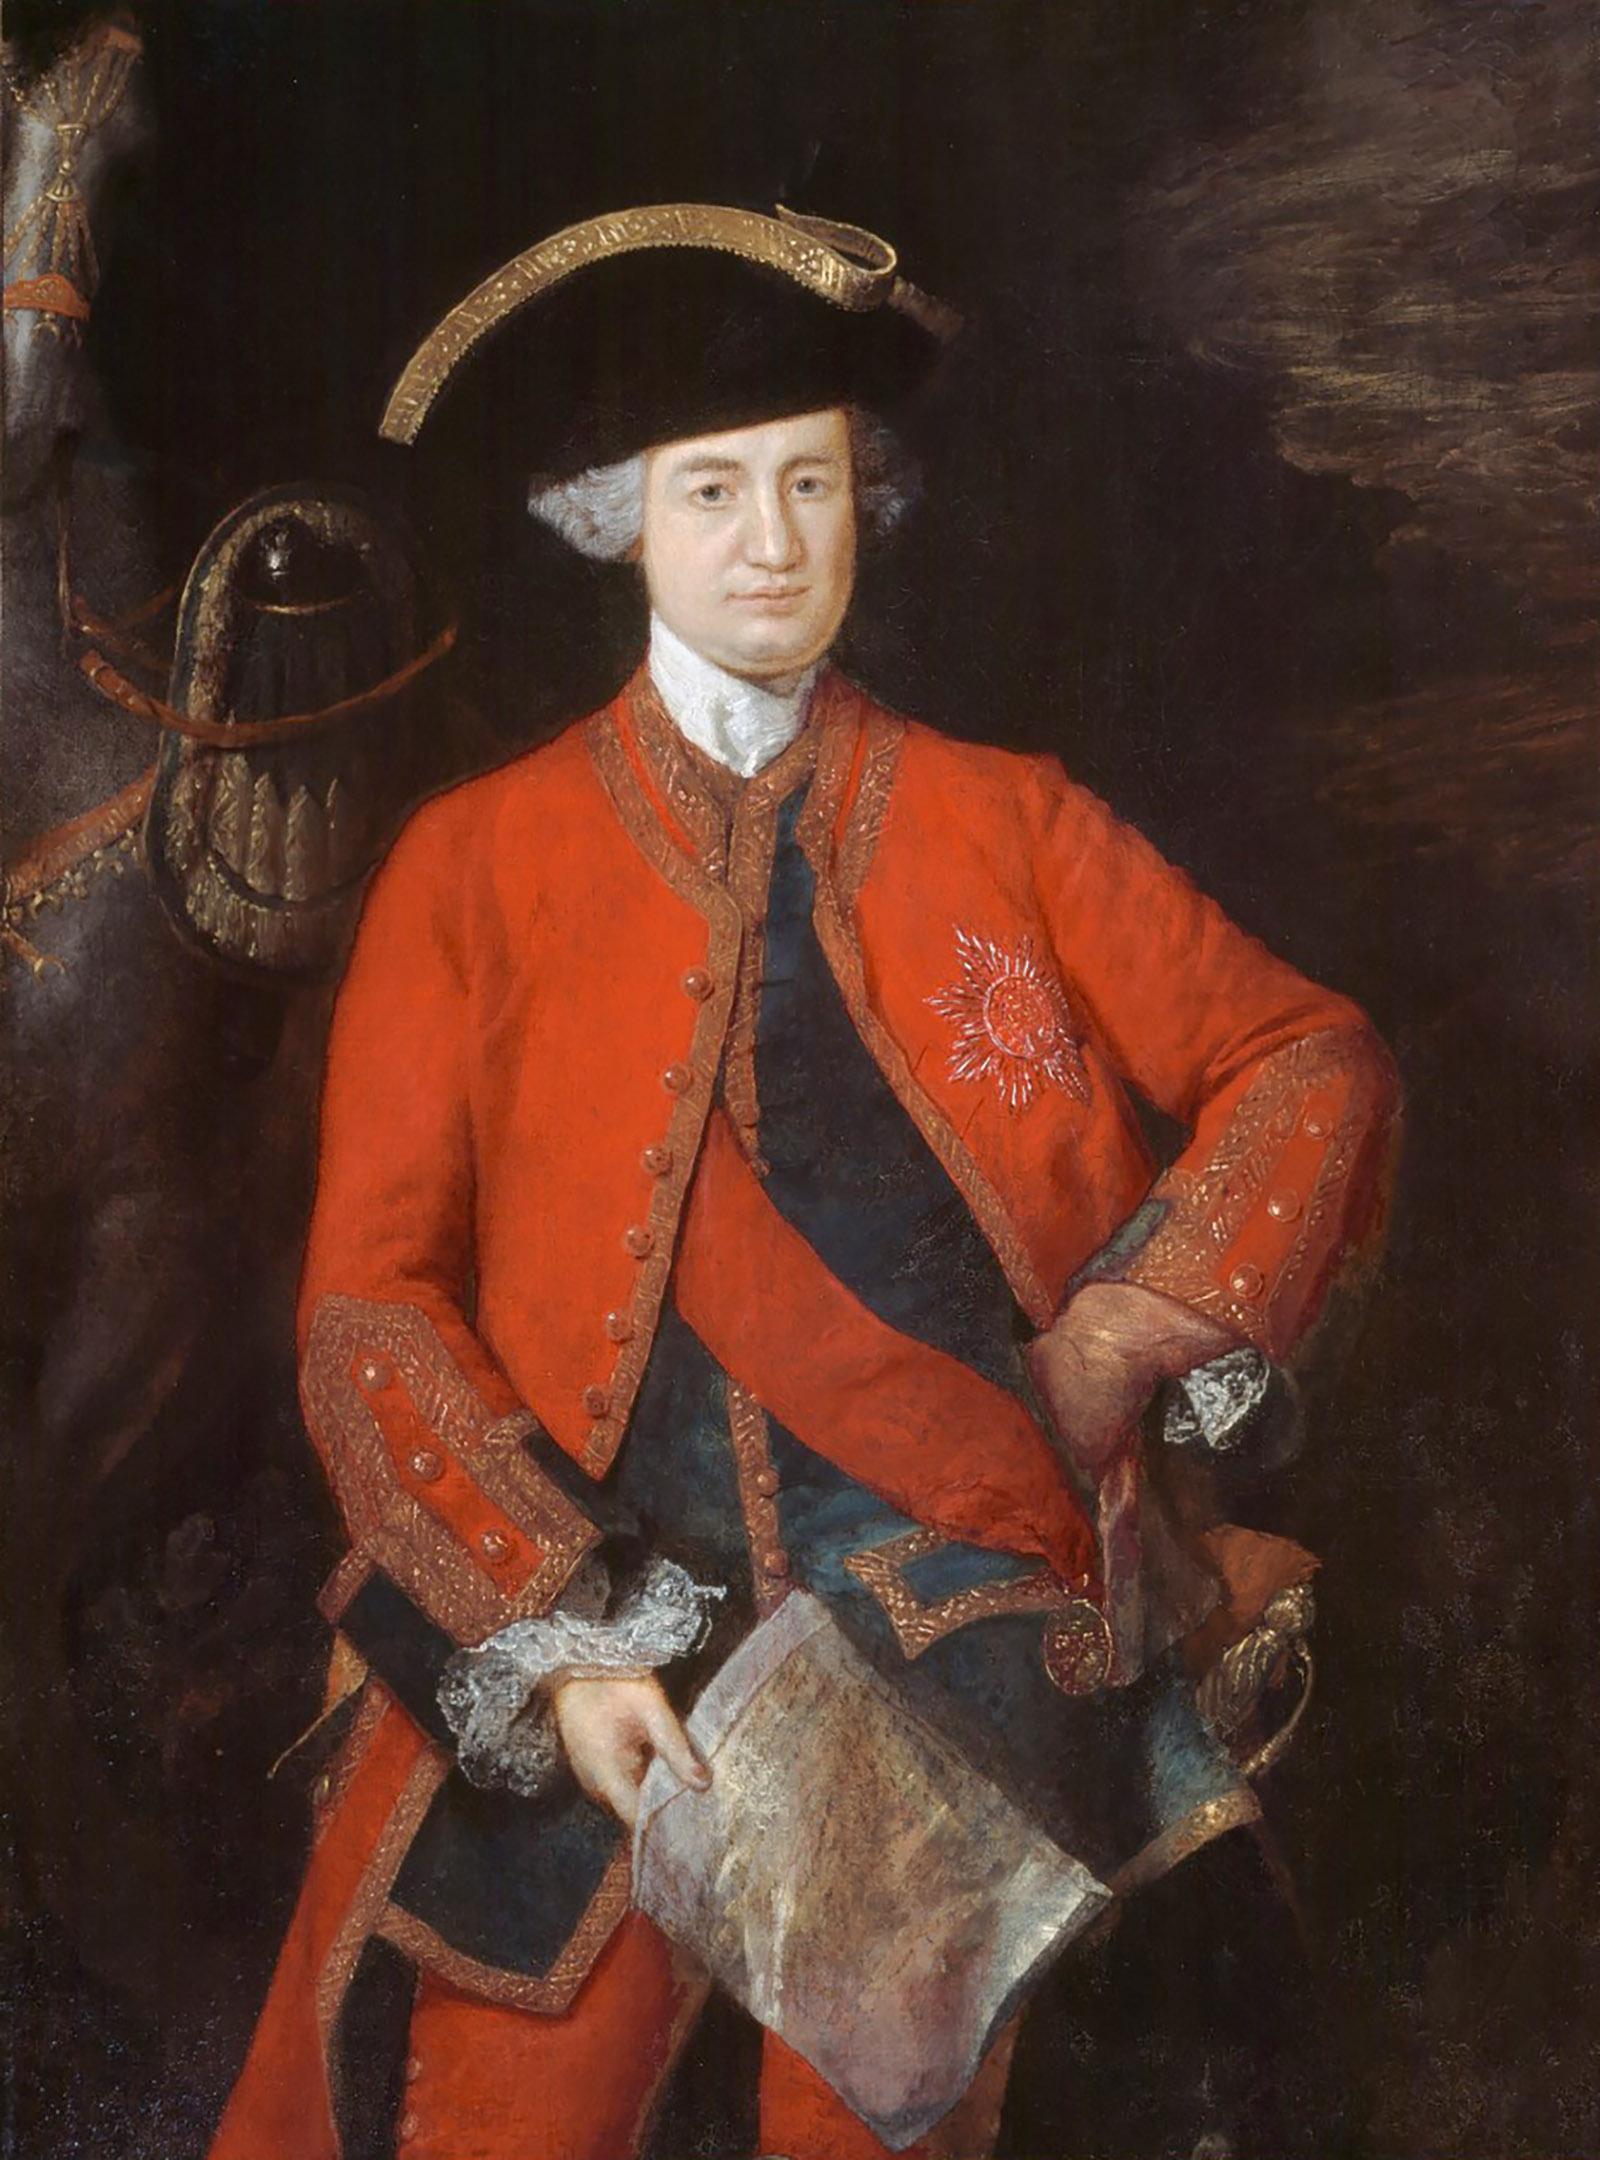 Robert Clive; portrait by Thomas Gainsborough